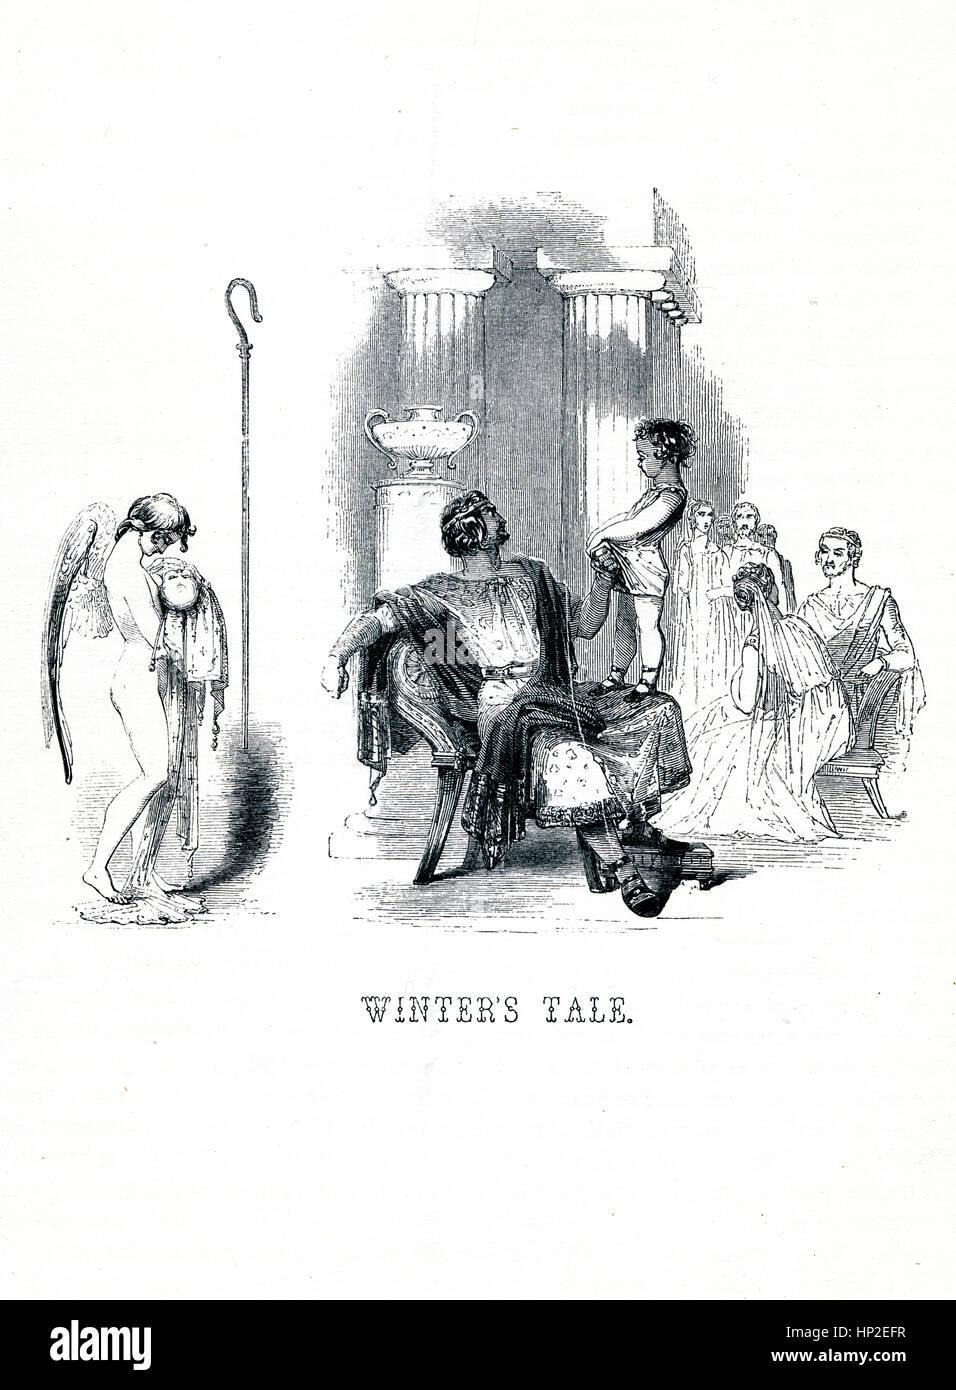 Gli inverni racconto, Vittoriano prenota frontespizio per il gioco da William Shakespeare dal 1849 libro illustrato Immagini Stock